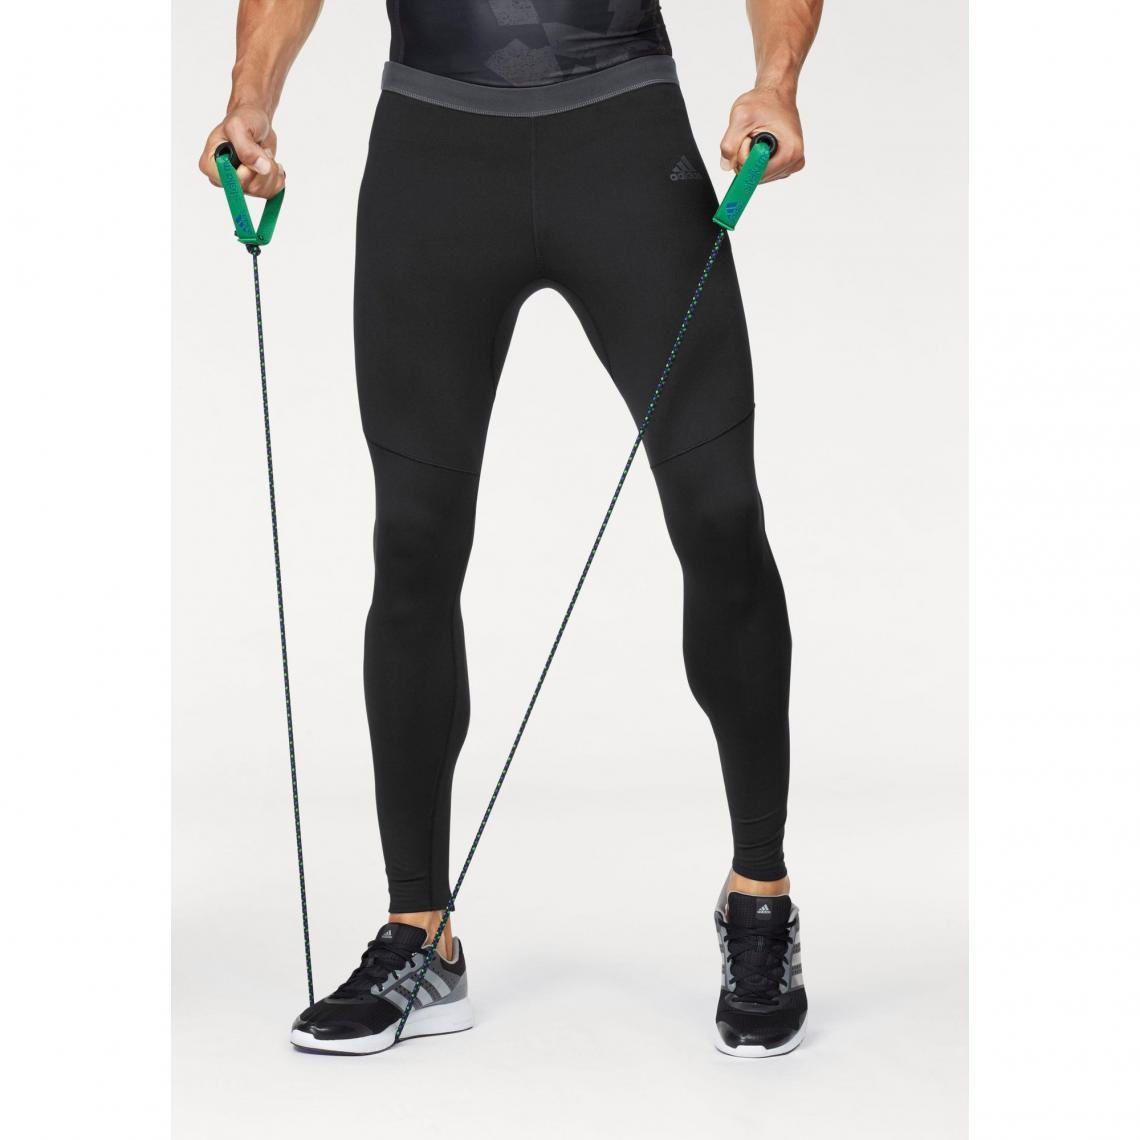 Adidas Pour Performance Collant Climawarm® Homme De Compression wqnSB4